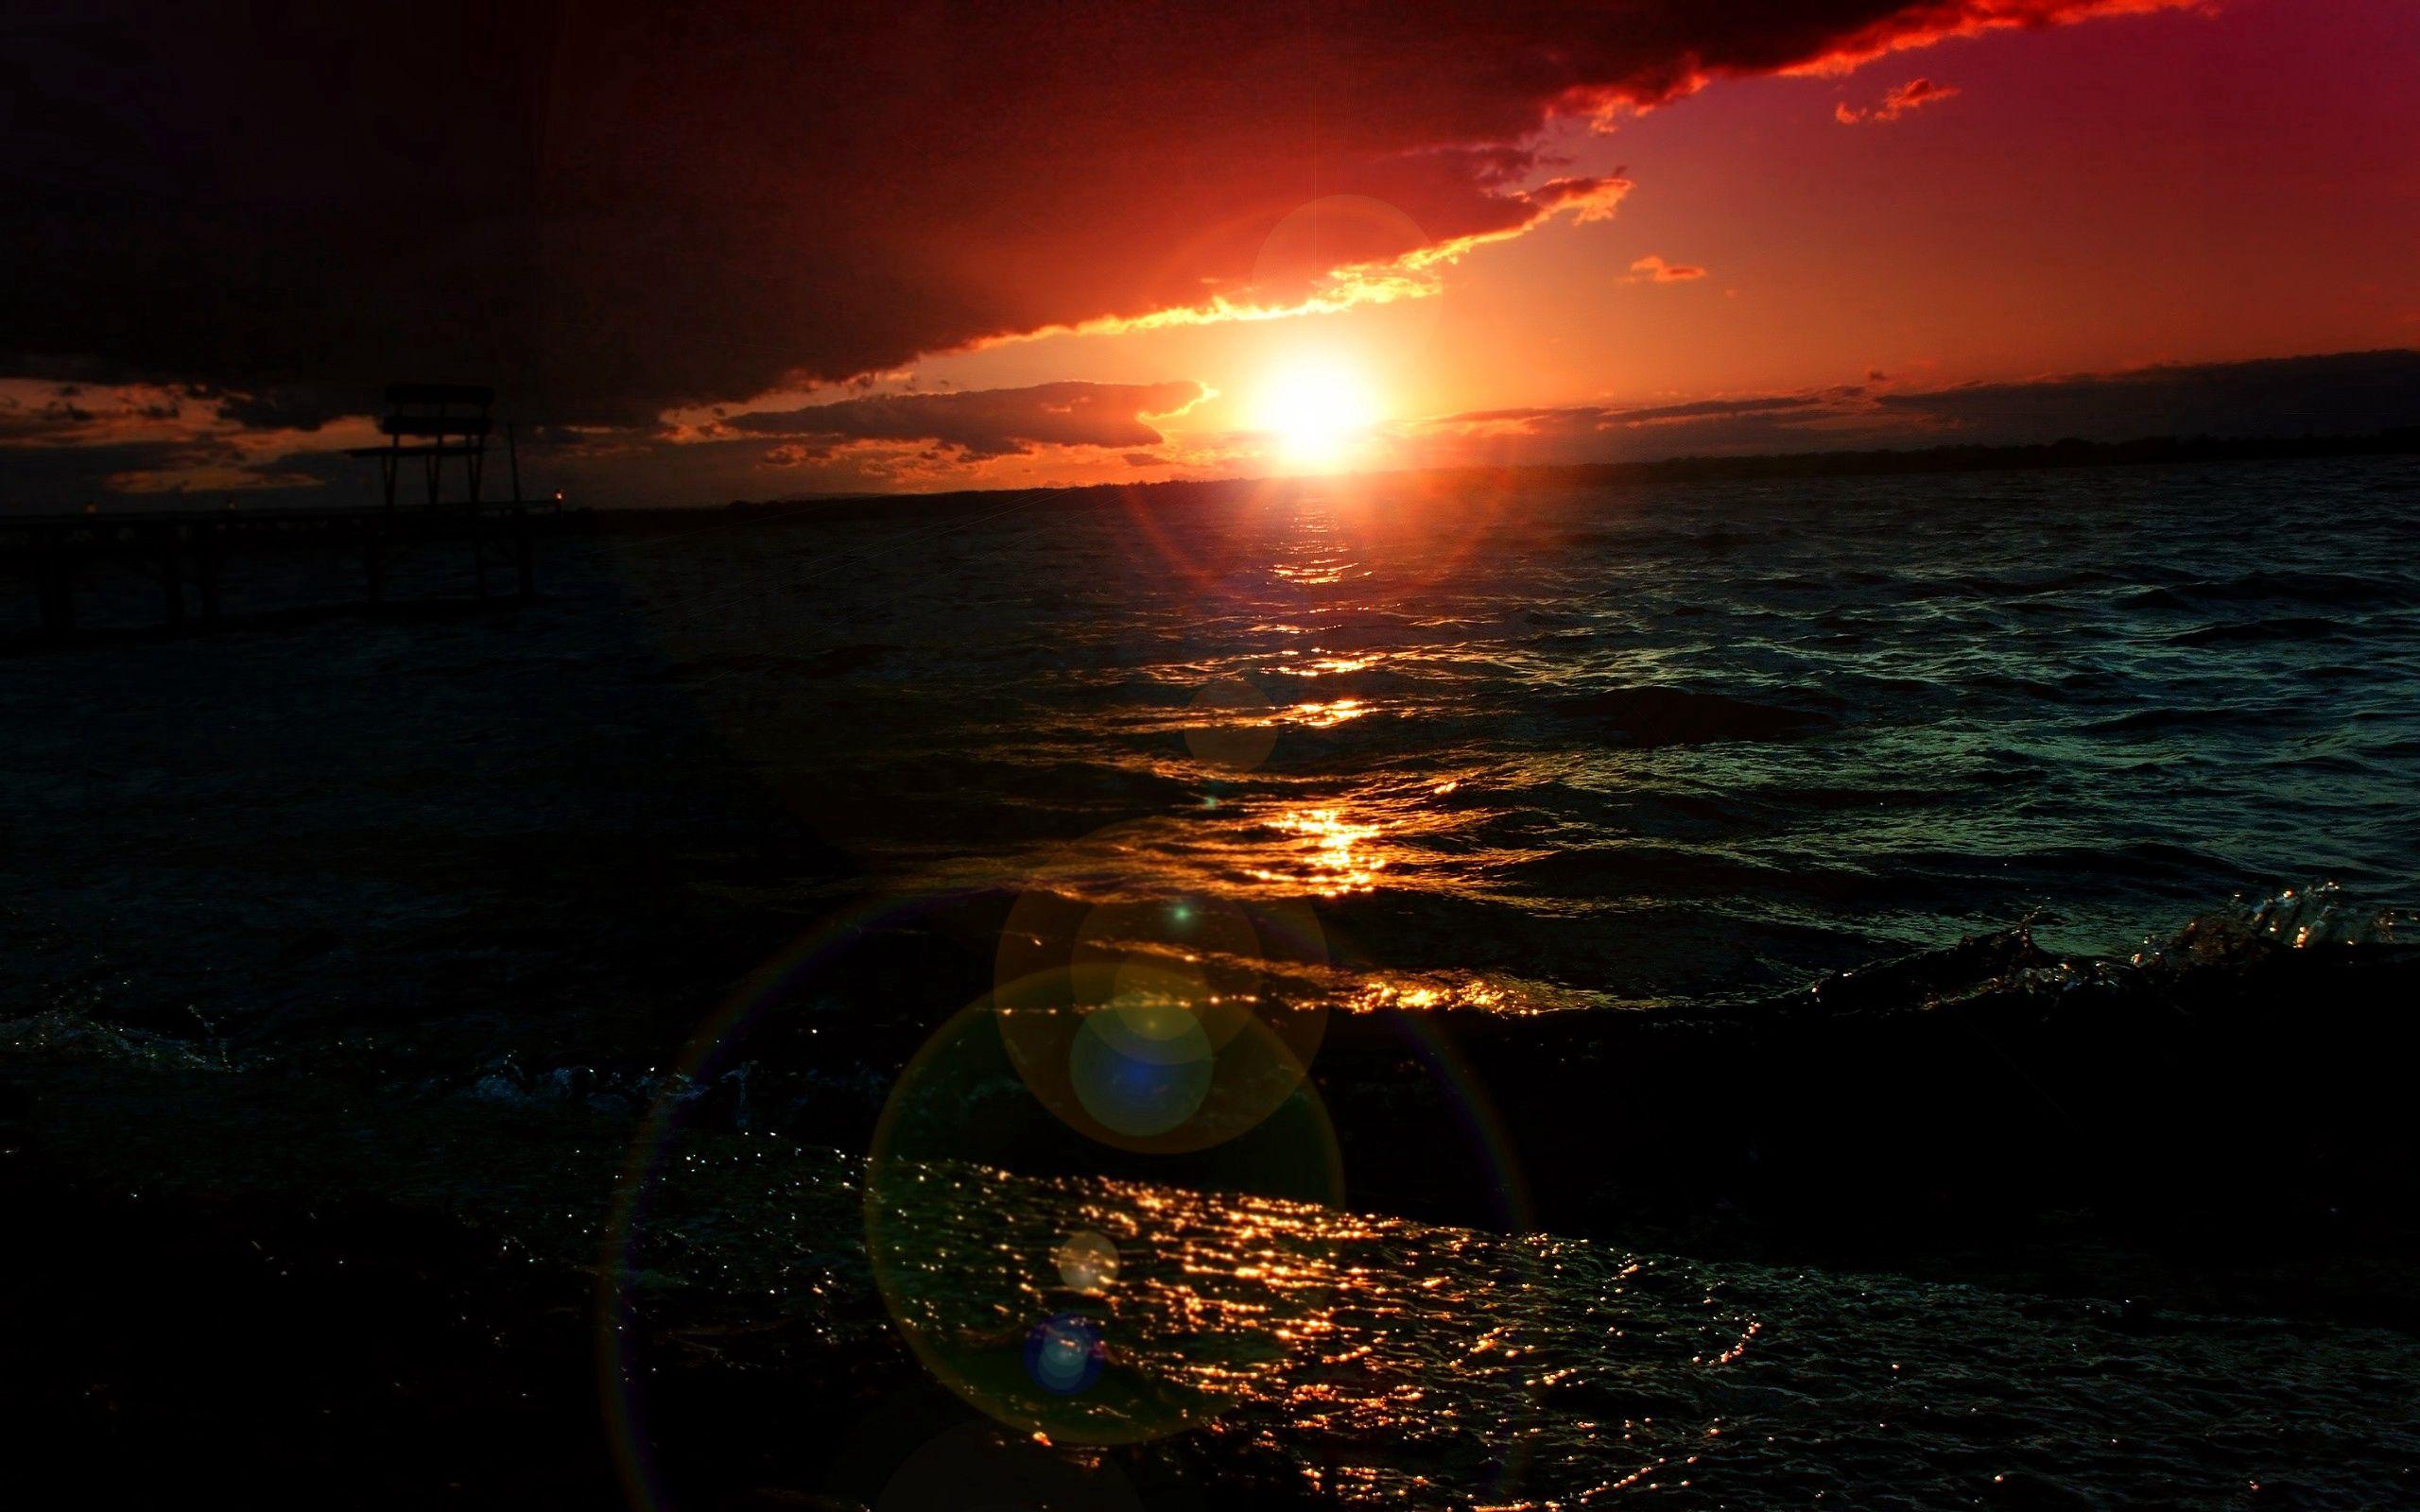 60588 скачать обои Волны, Ночь, Закат, Море, Темные, Красиво - заставки и картинки бесплатно